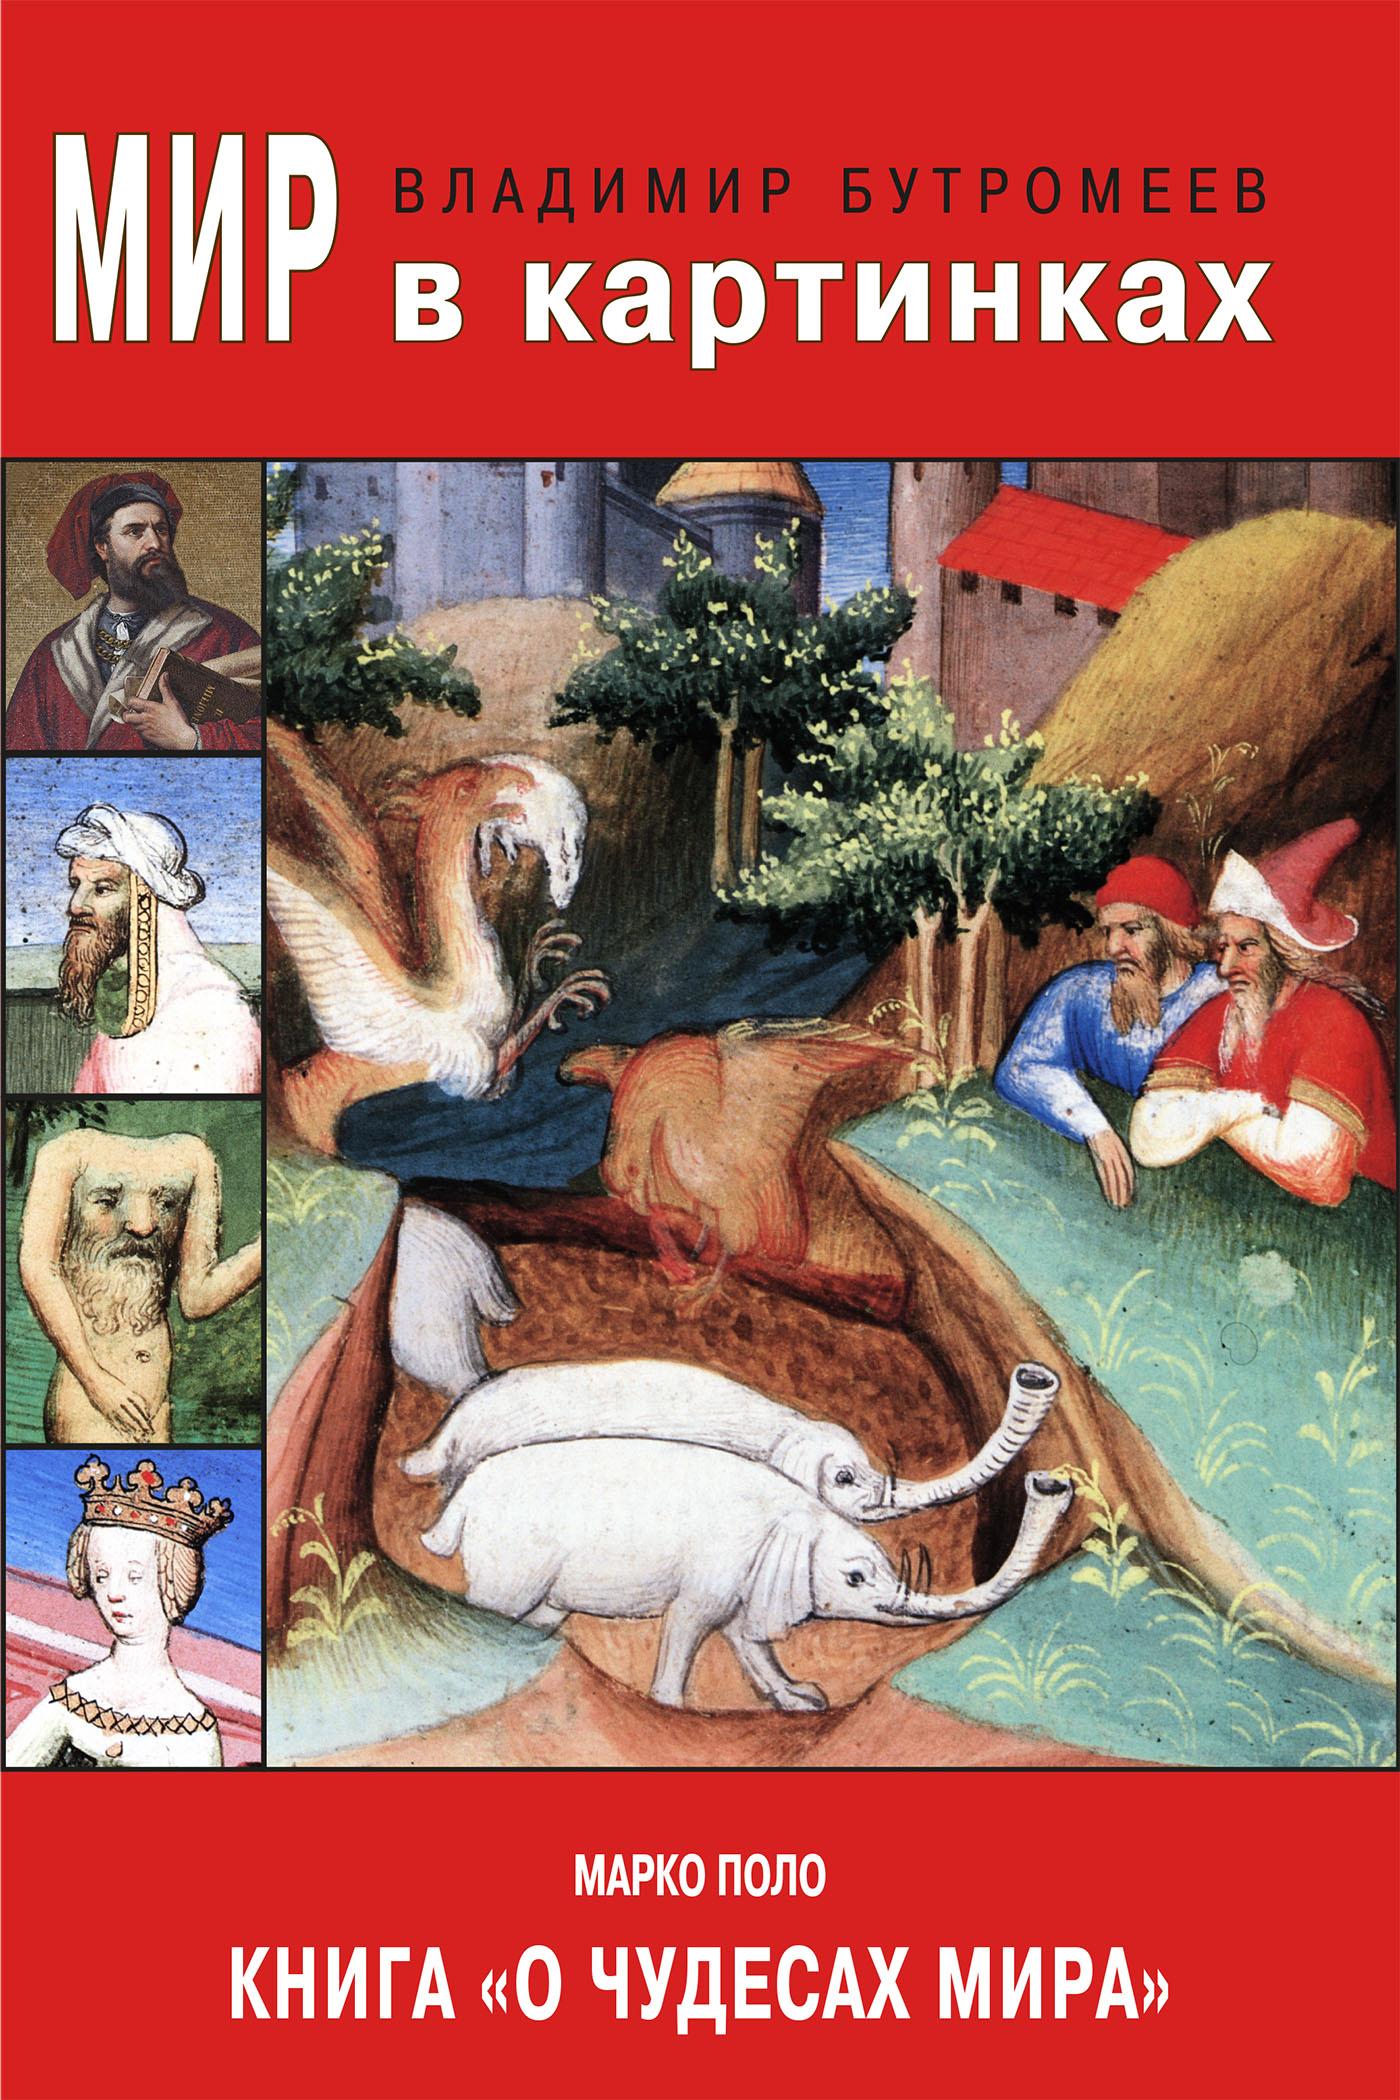 Мир в картинках. Марко Поло. Книга «О чудесах мира»